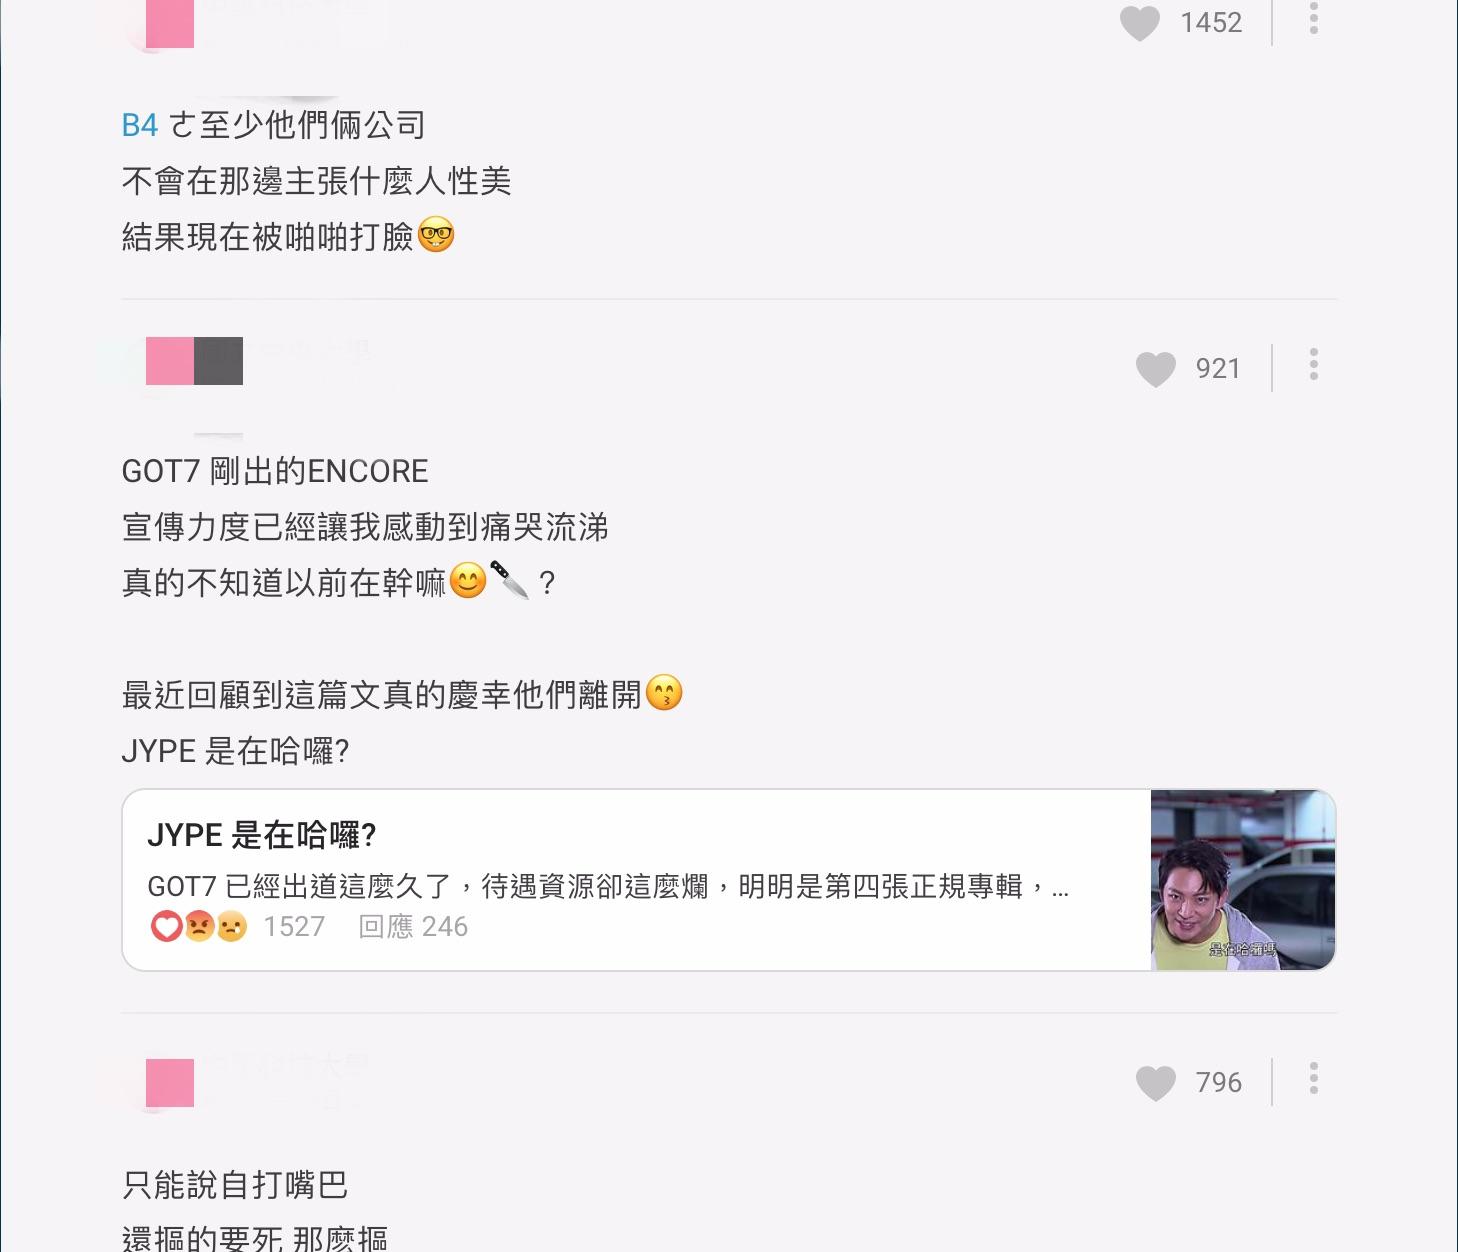 一切都是包裝?JYP娛樂「6大事件」形象全毀 網諷:自打嘴巴